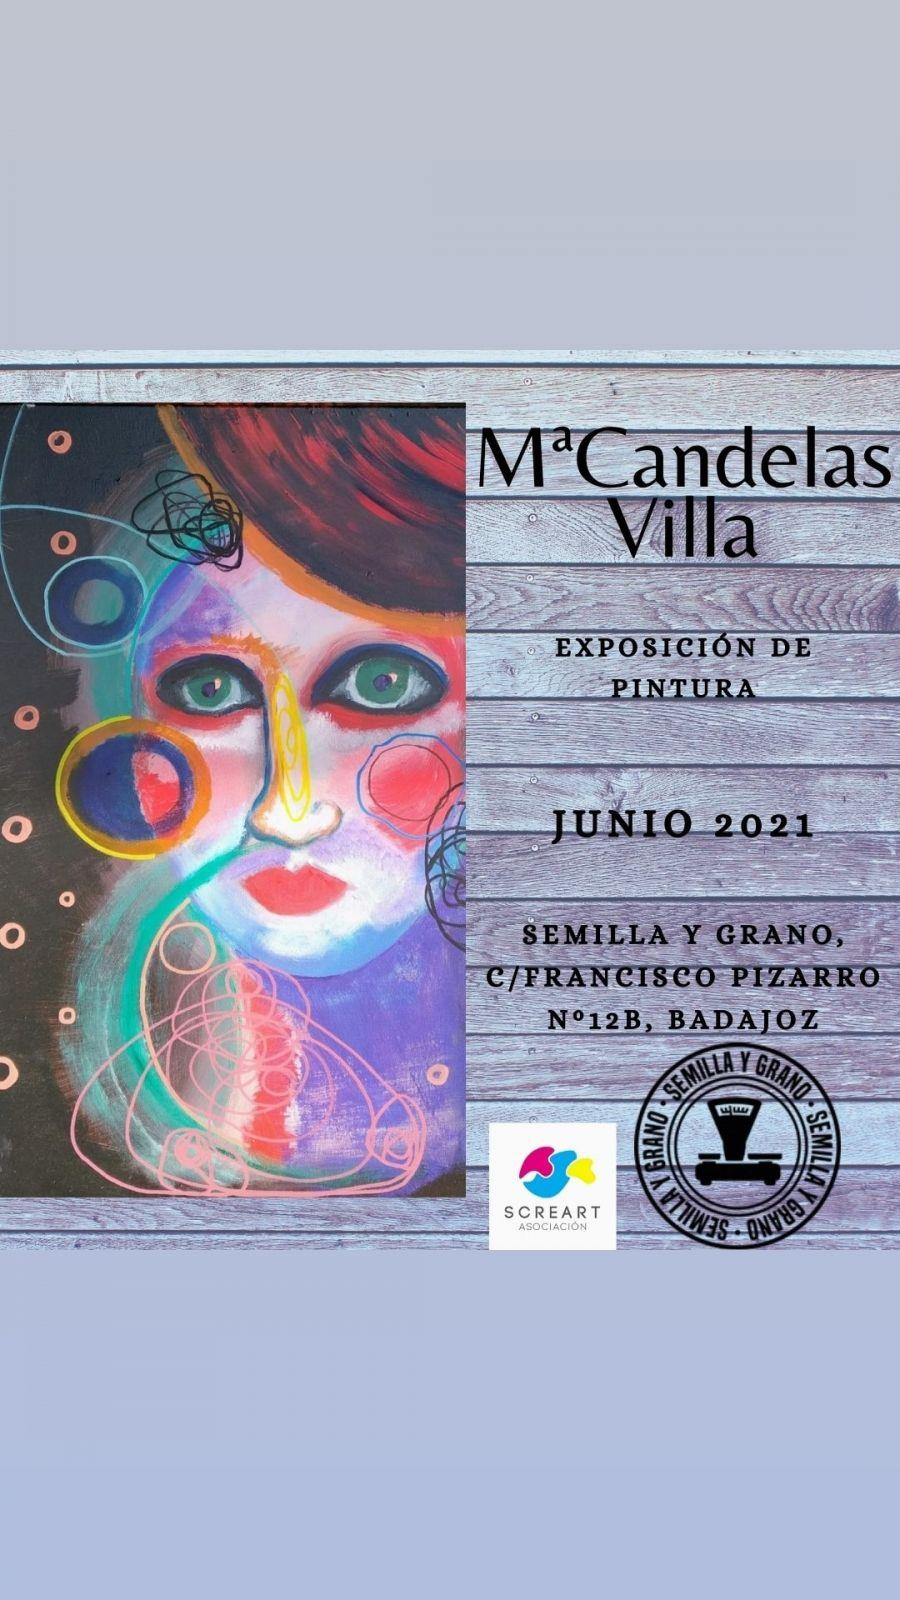 Exposición Pintura M. Candelas Villa